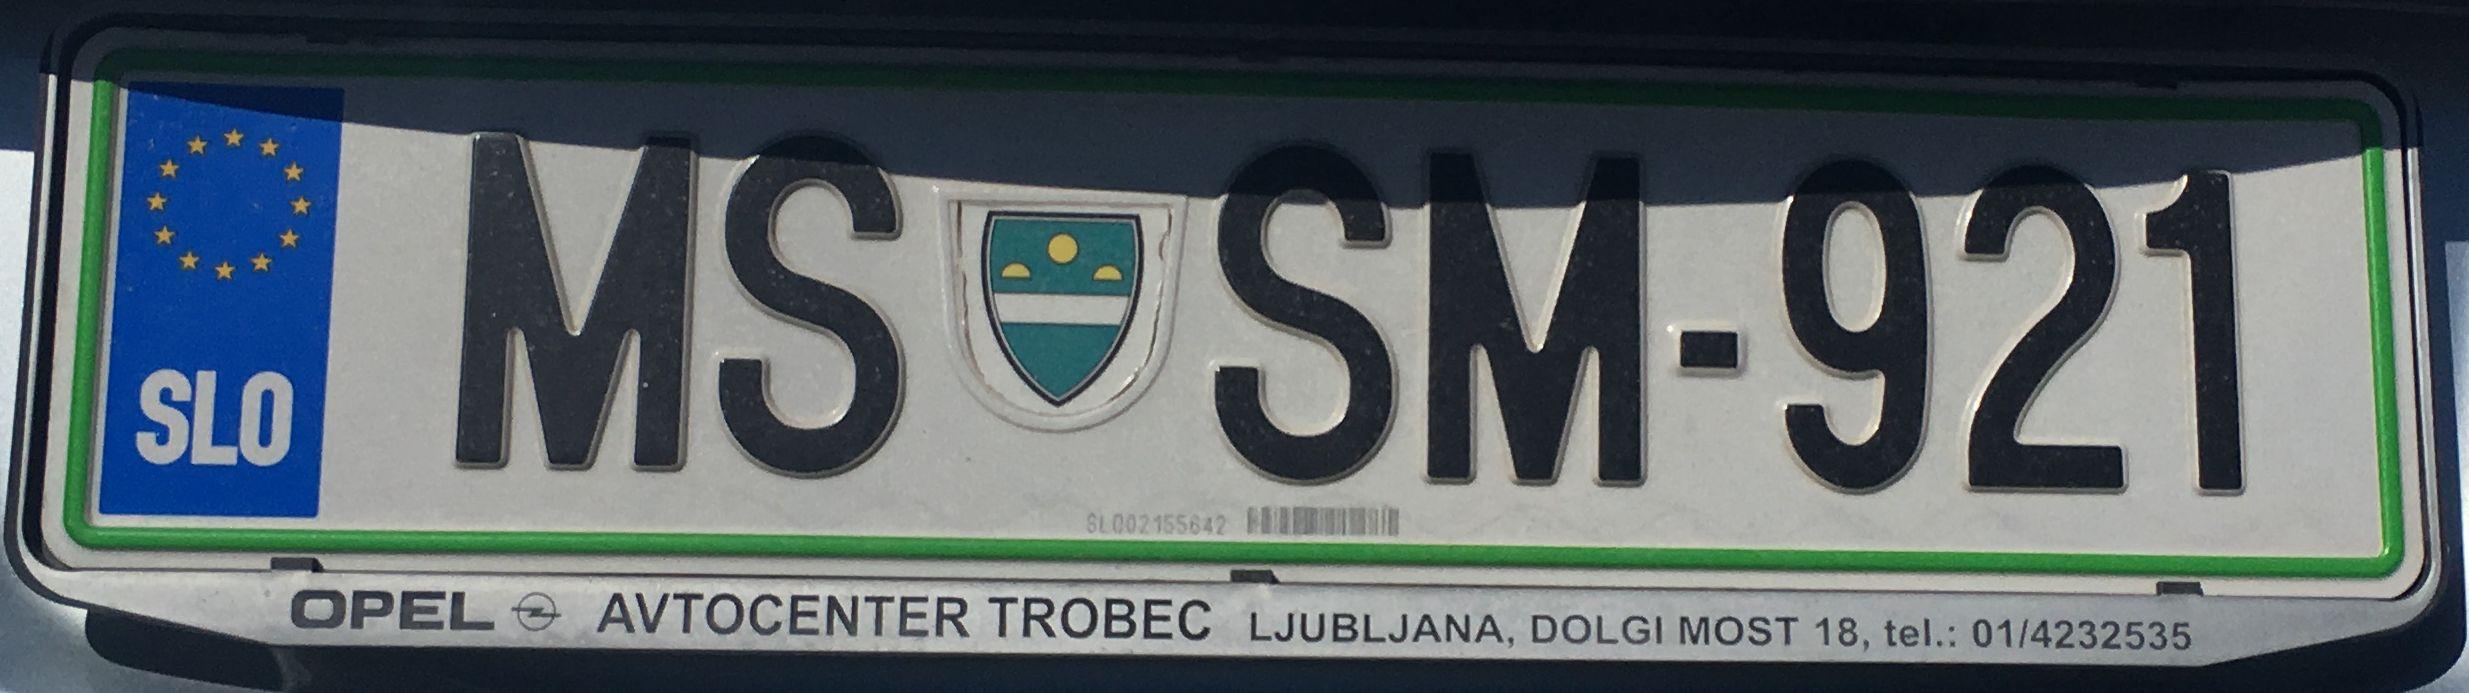 Registrační značka Slovinsko - MS - Murska Sobota, foto: www.podalnici.cz